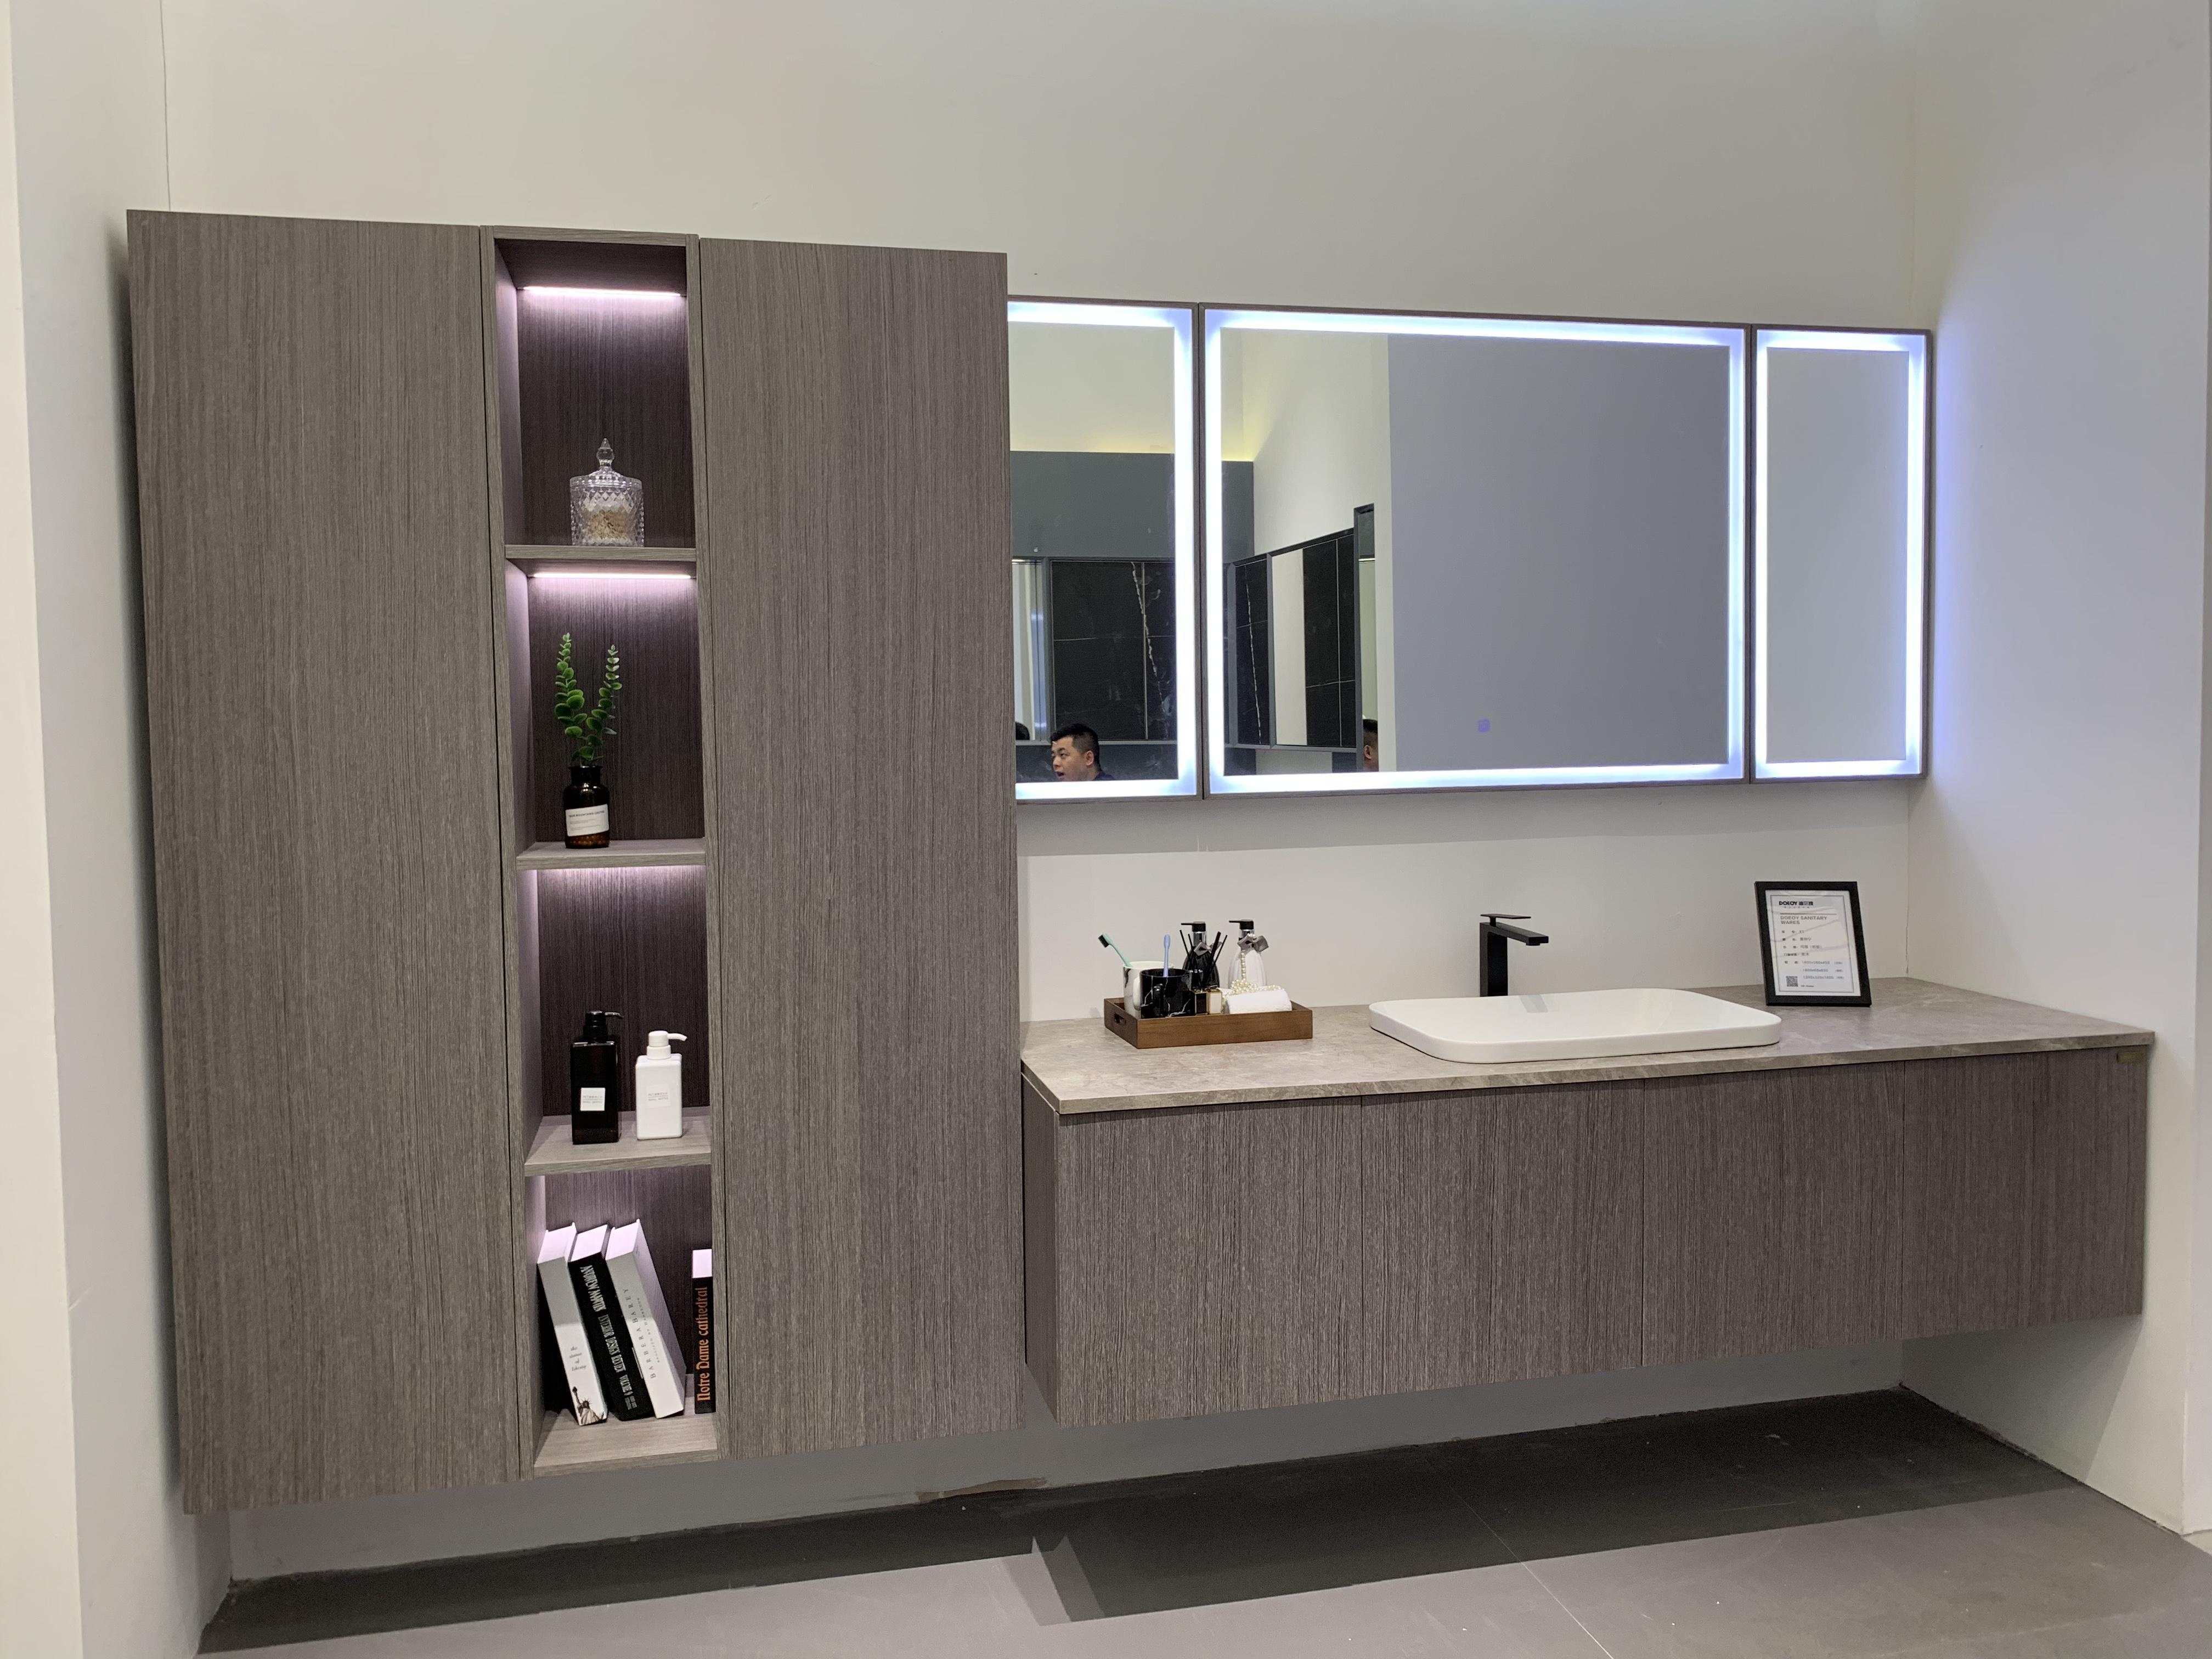 迪尔雅去风格化产品,实木打造,浴室柜专业定制,不同需求不同风格